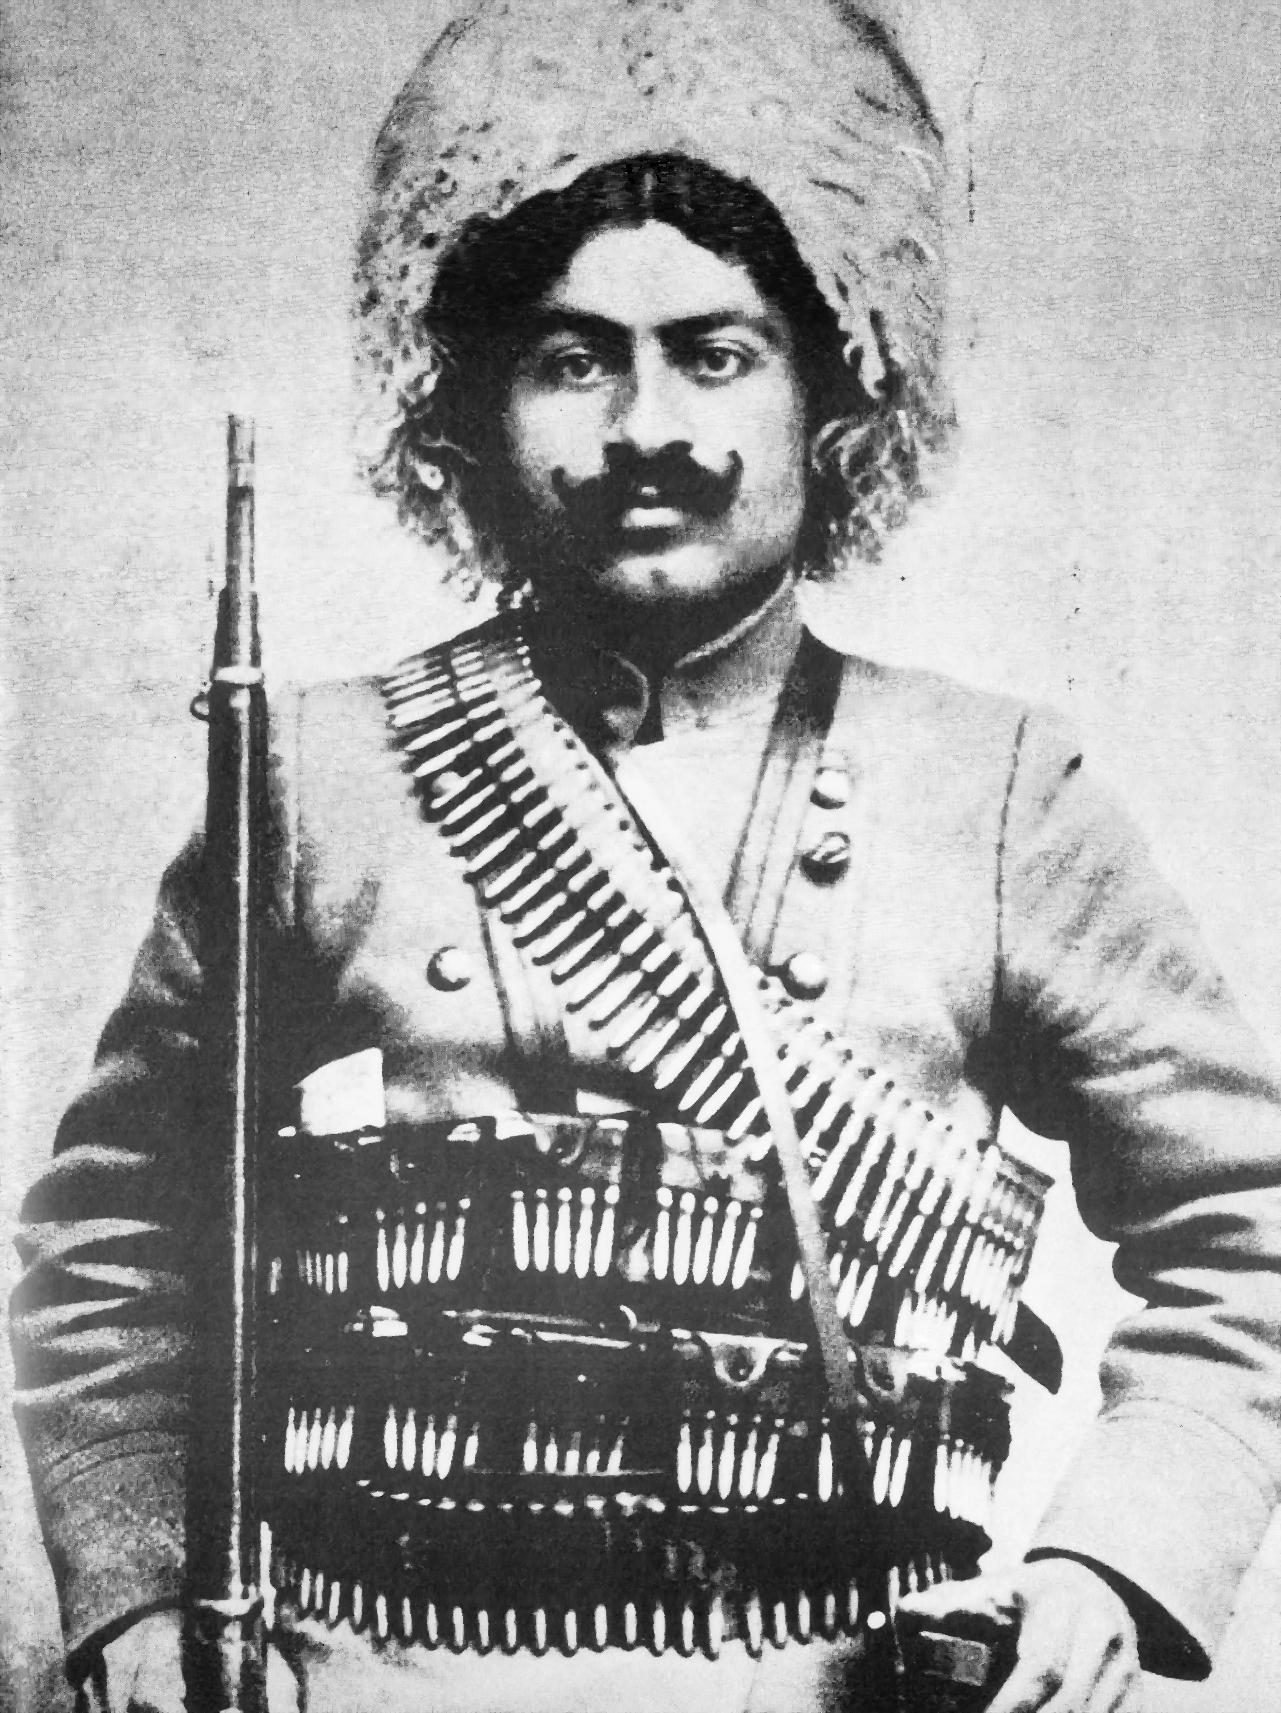 Garegin Nzhdeh Balkan Wars 1913.png